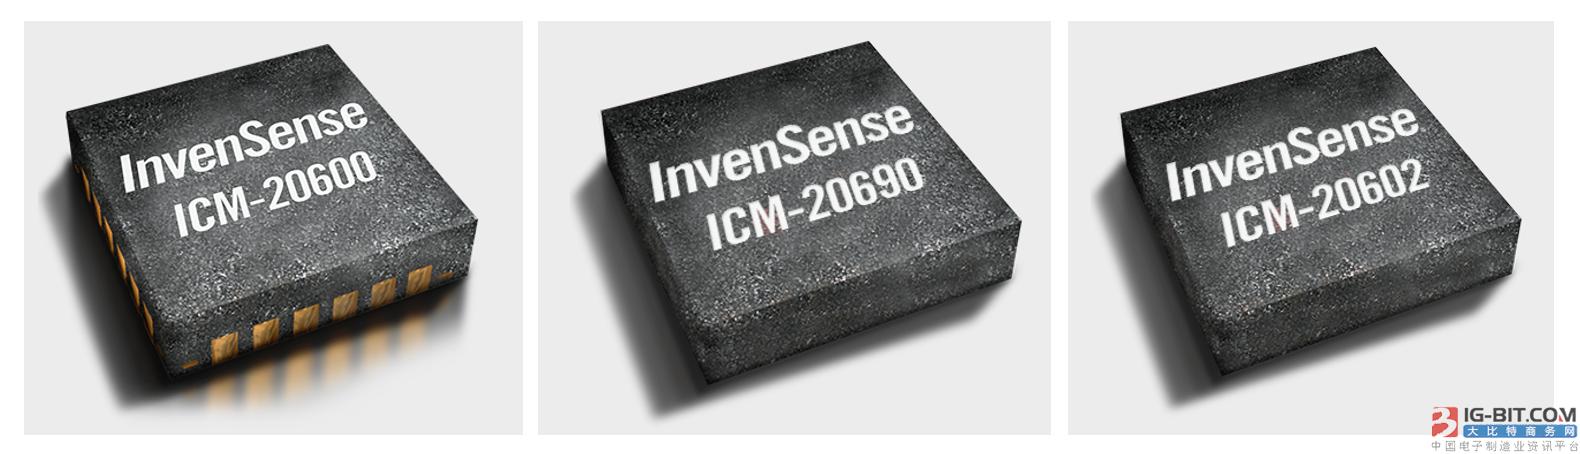 图2. InvenSense 3款通过Daydream和Tango双平台验证的传感器